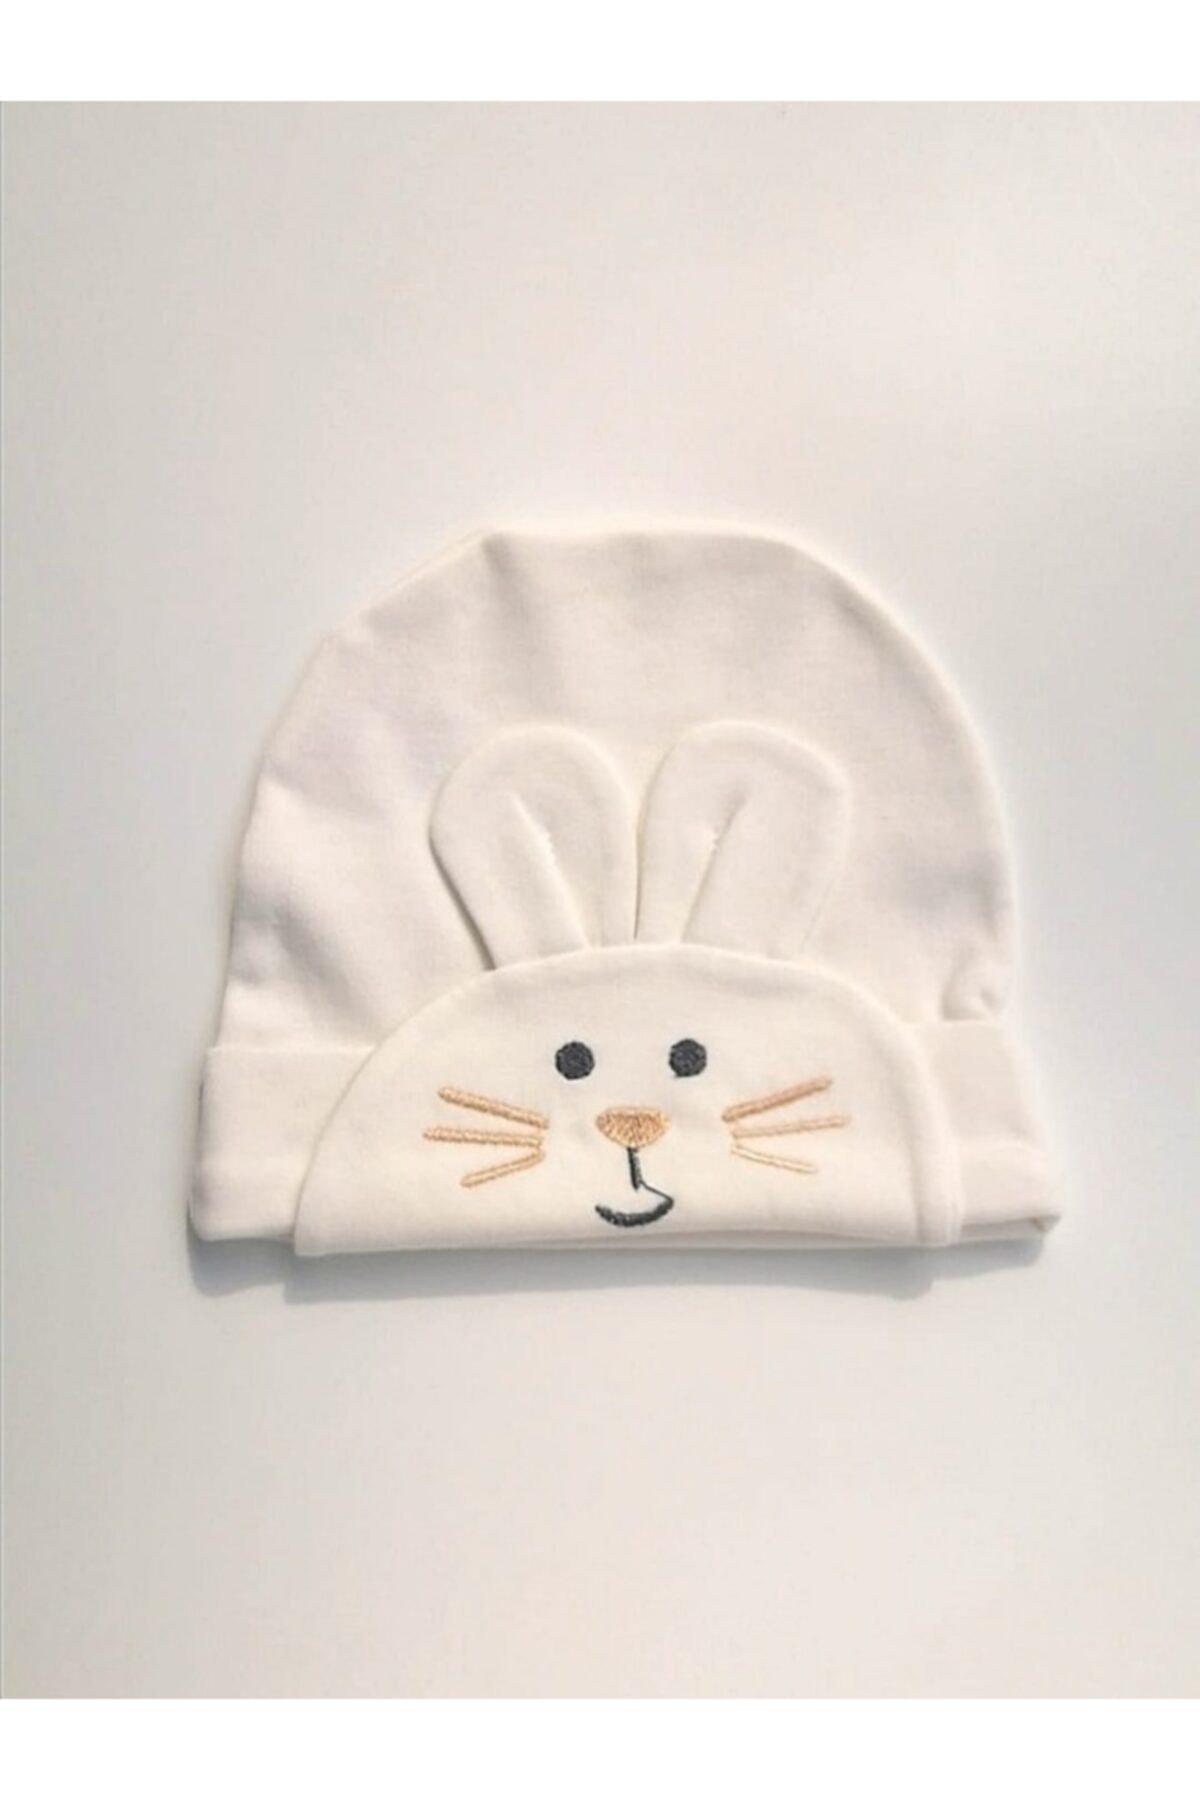 خرید انلاین کلاه نوزاد دختر ترکیه برند Kayra رنگ بژ کد ty46379591